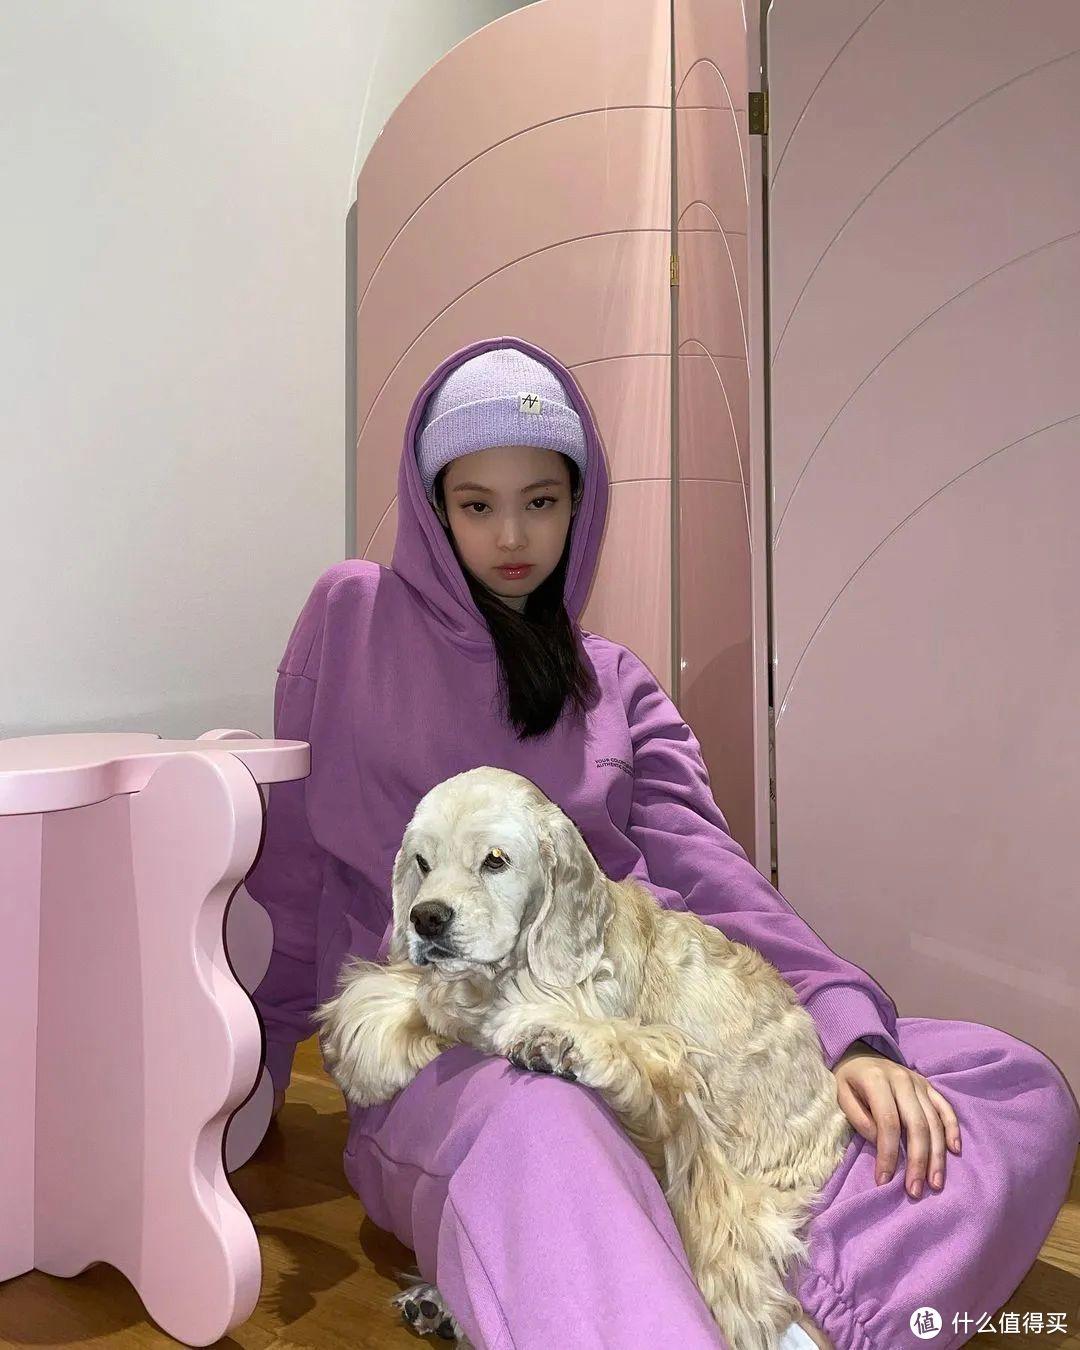 今年流行紫色上衣,搭配什么颜色的裤子更特别?这5个配色值得学